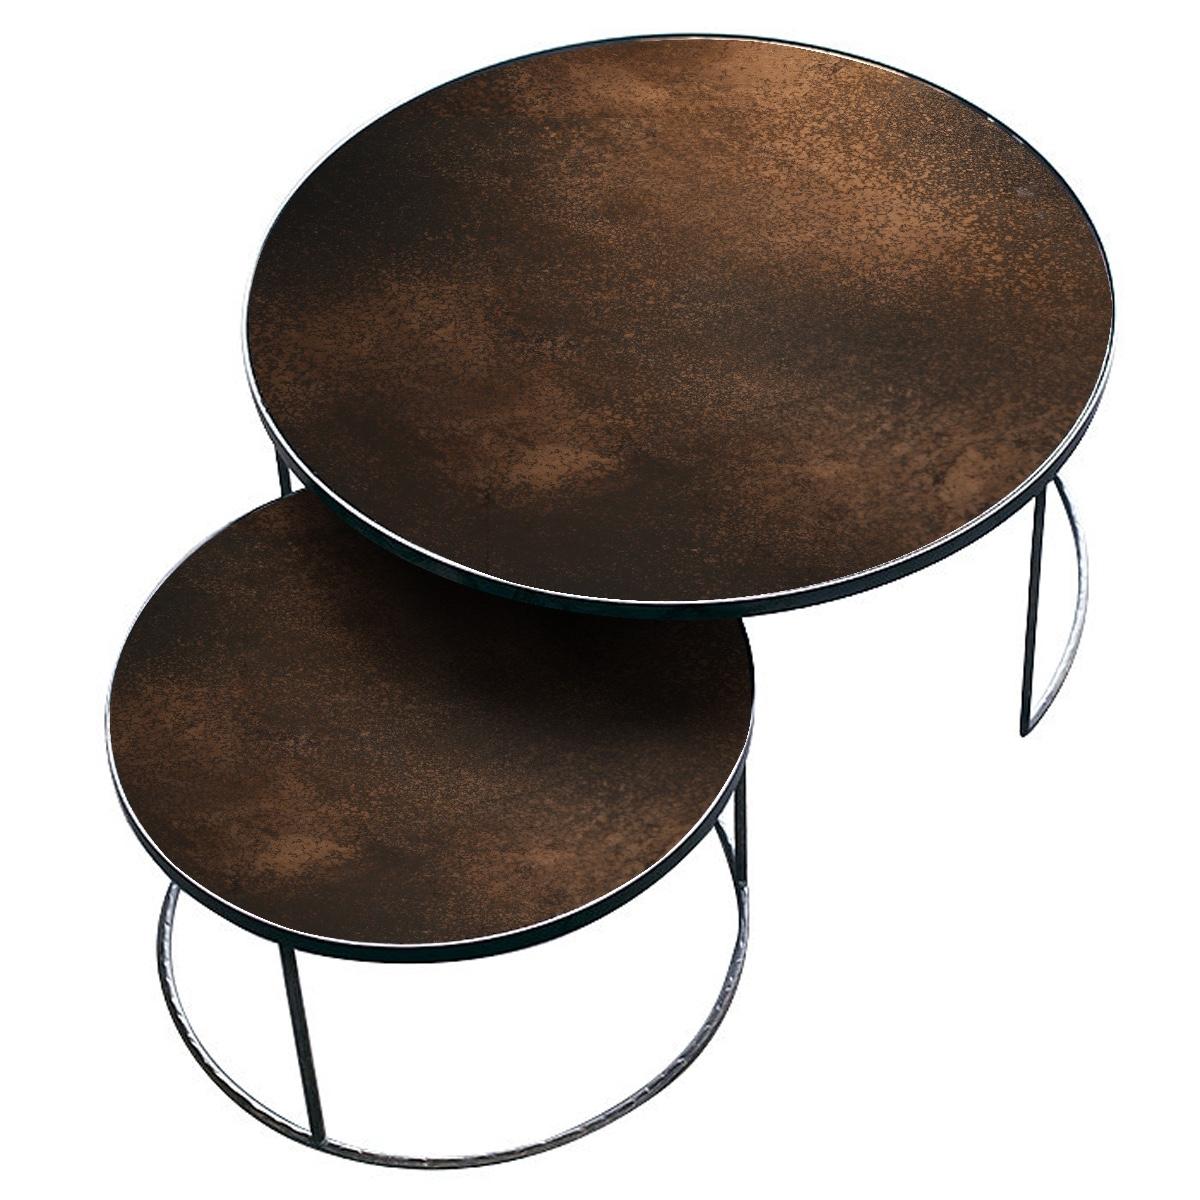 Ronde Salontafels Set Met Aged Bronze Spiegelblad Small